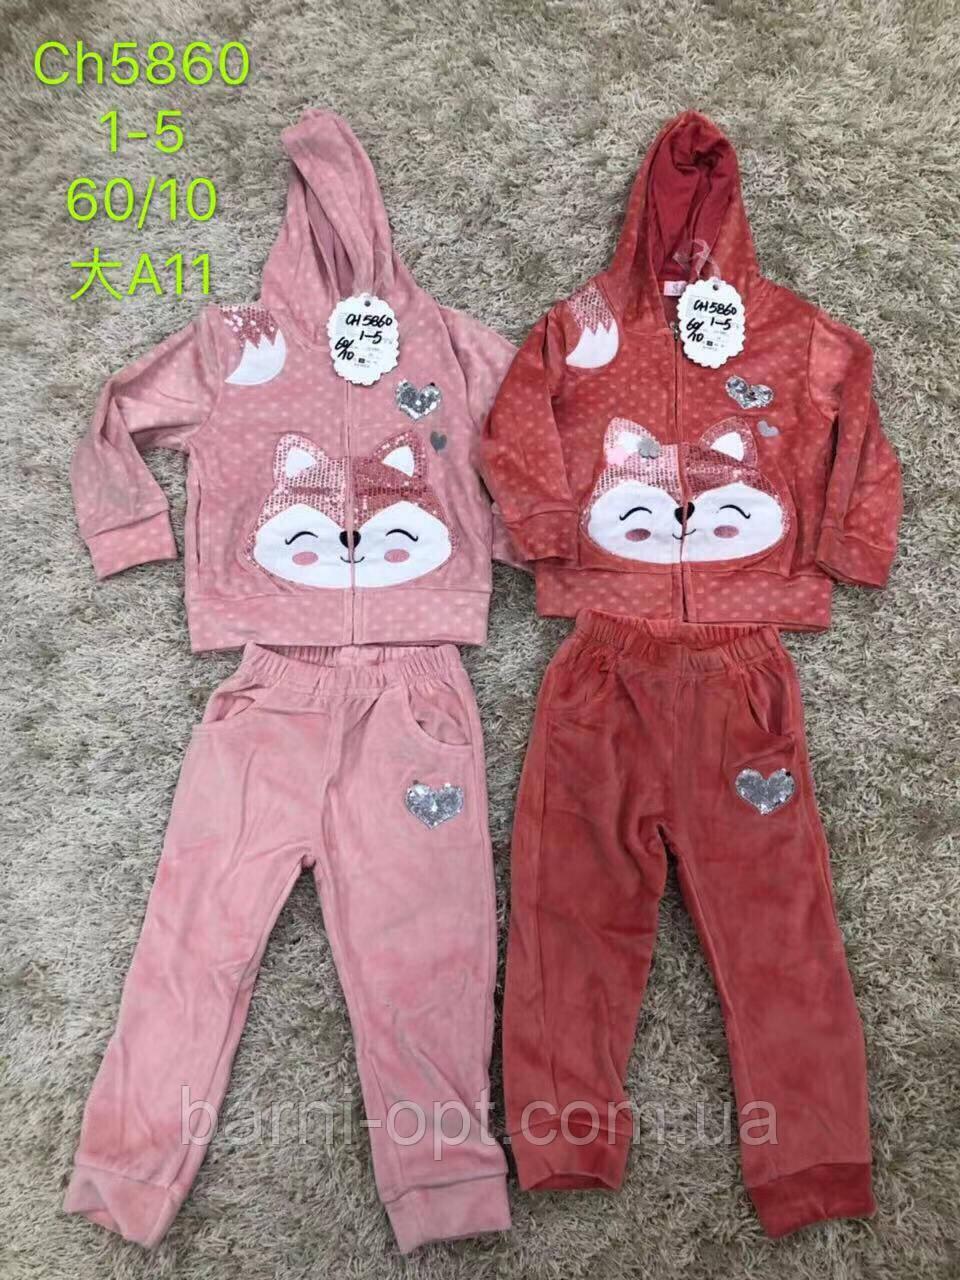 Велюровые костюмы на девочек оптом, S&D, 1-5 рр